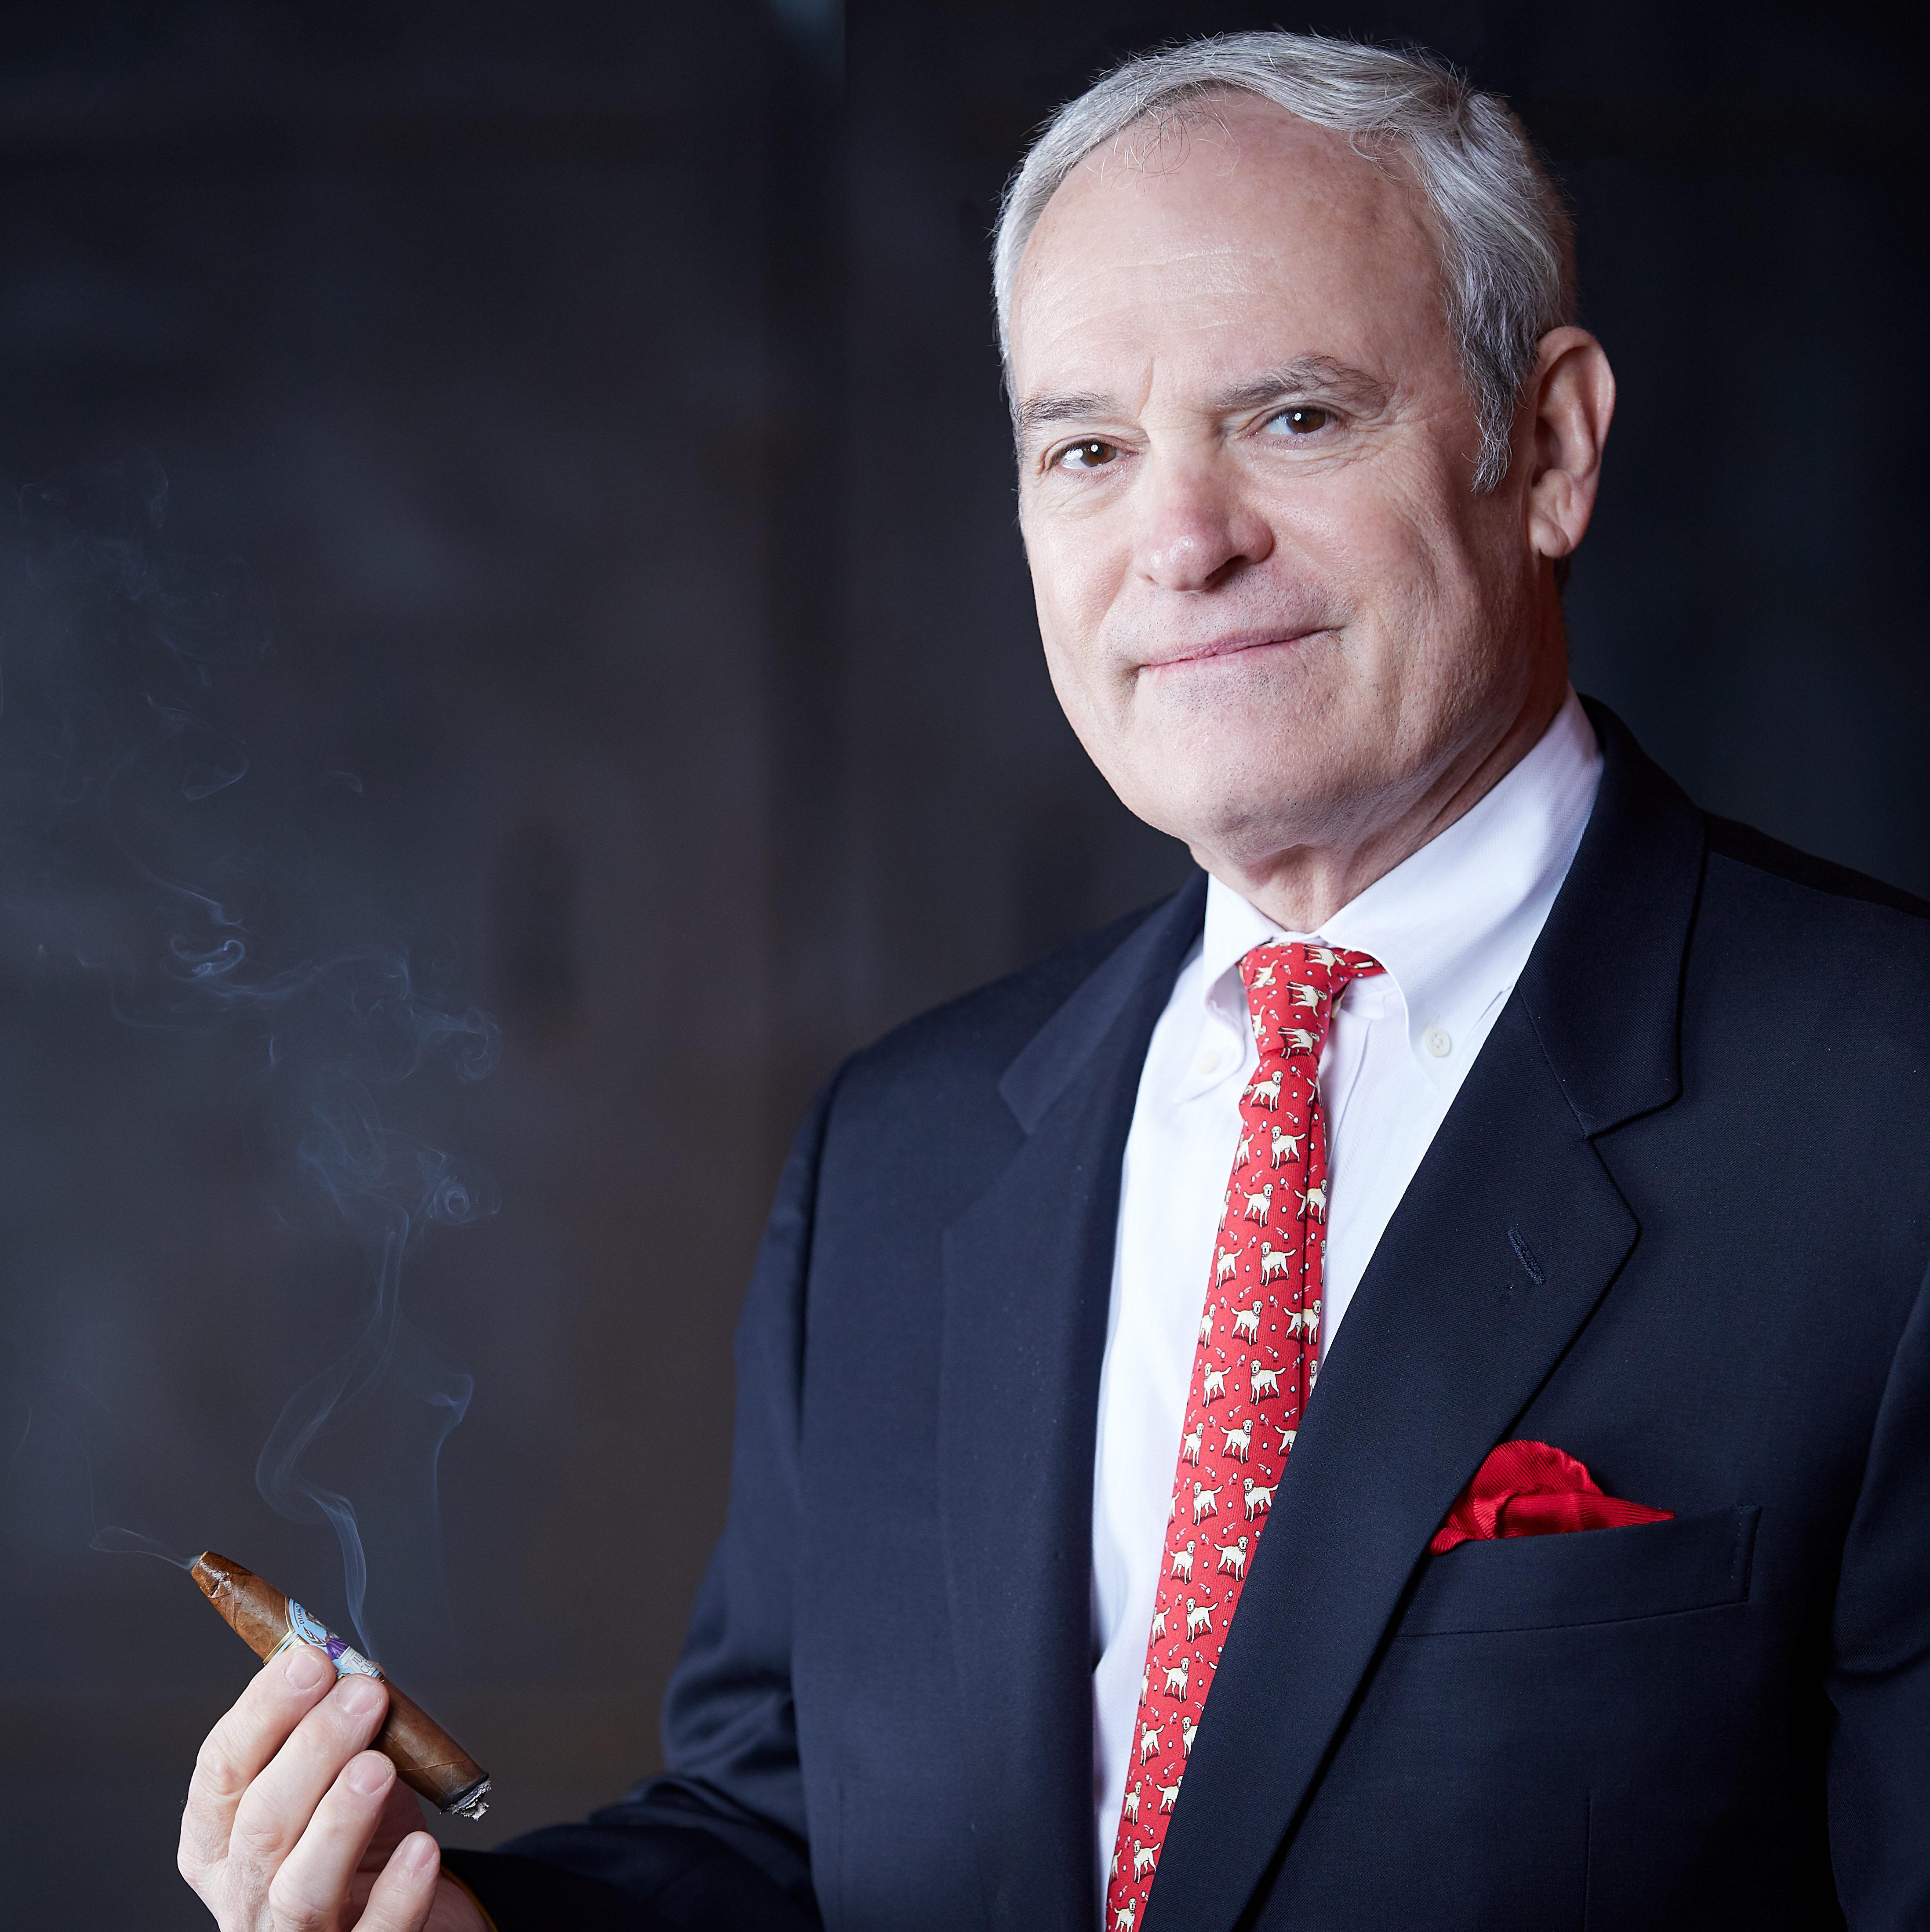 Bobby Newman third Generation Headshot holding Julius Caeser Cigar